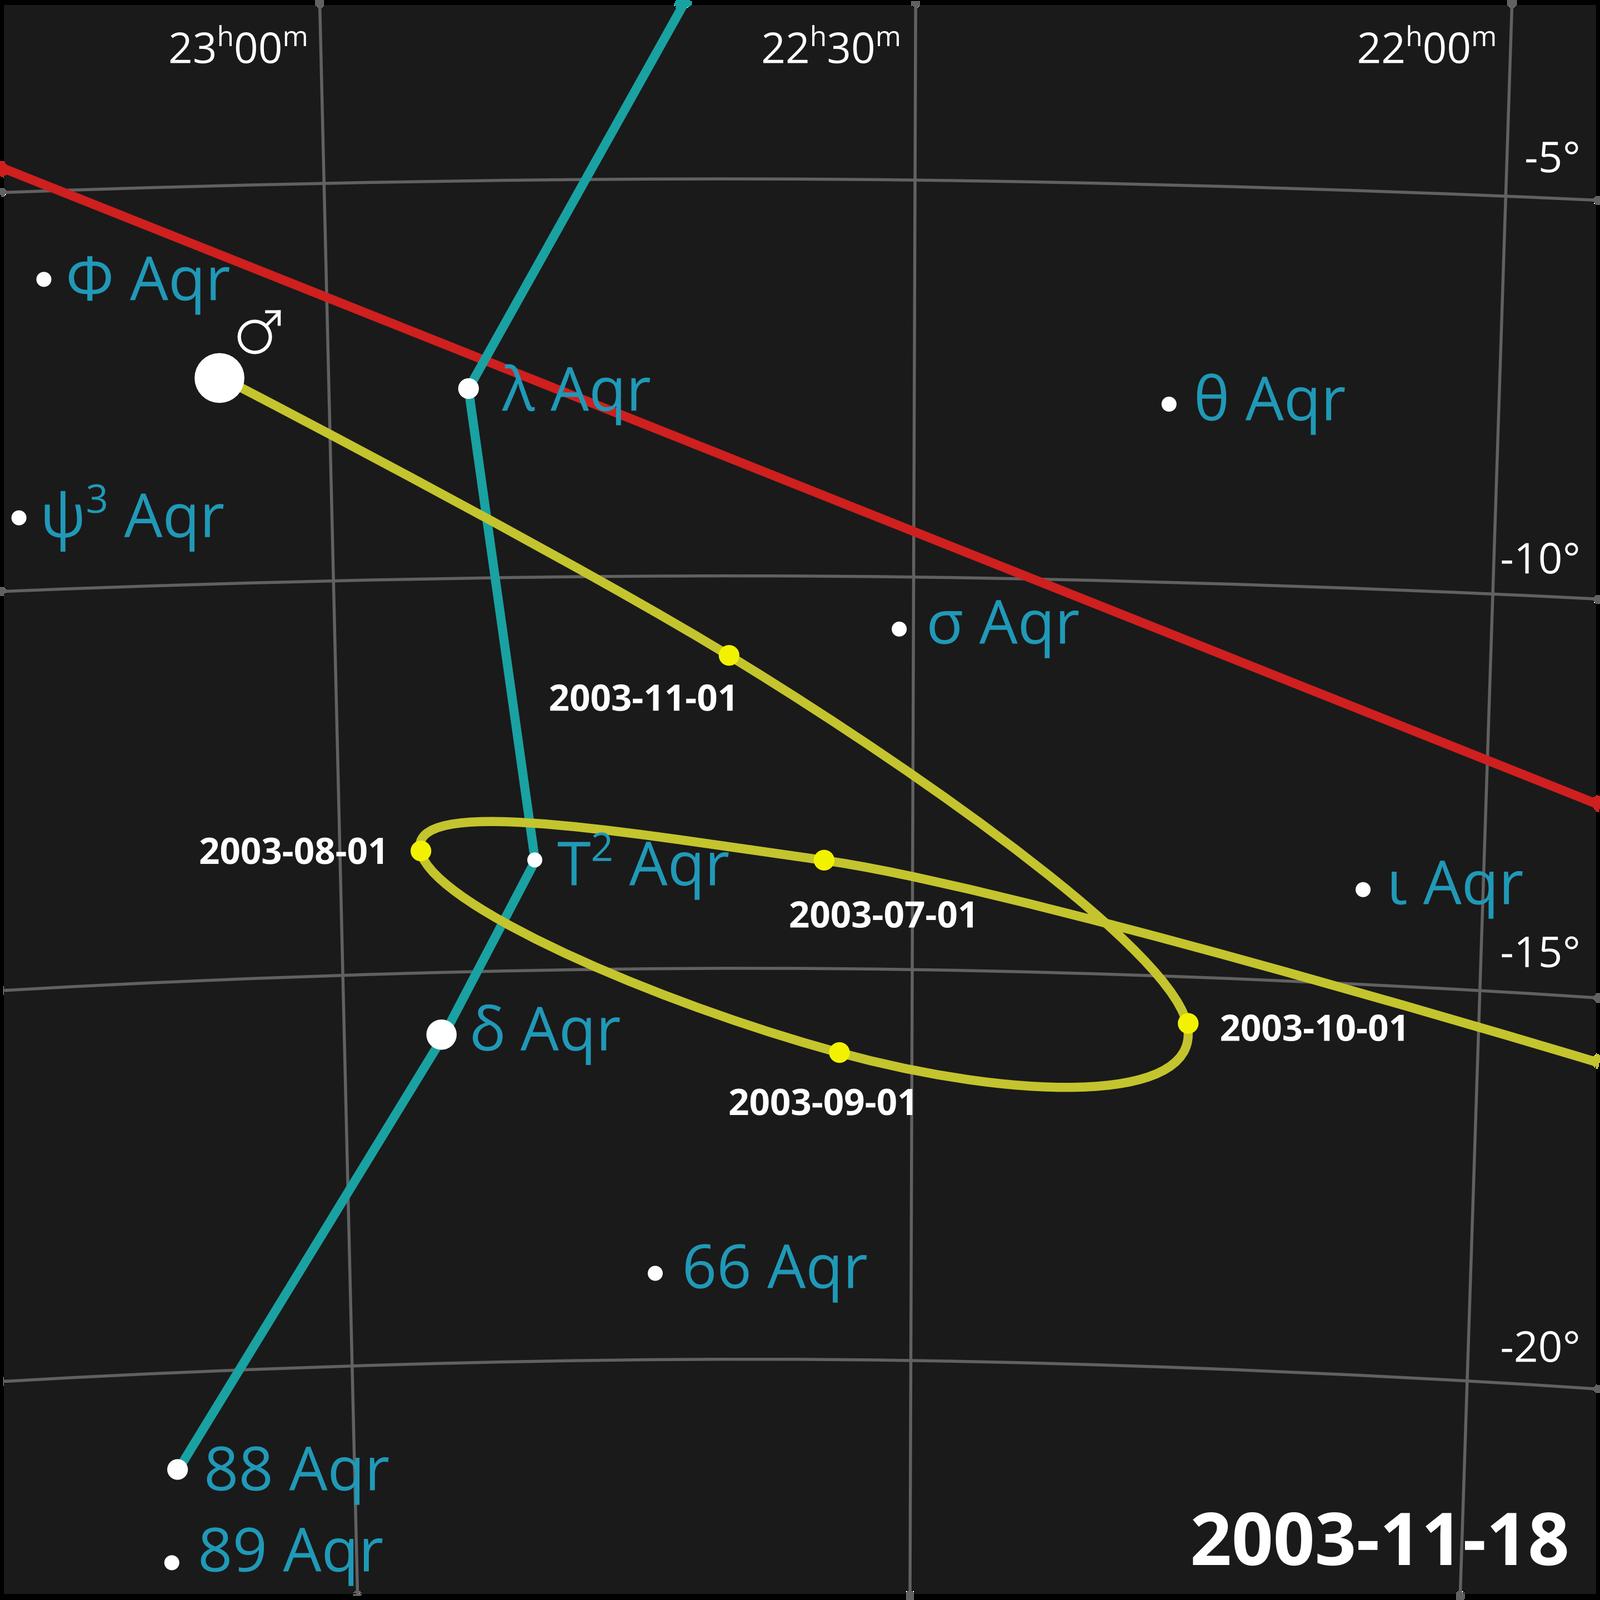 Ilustracja przedstawia tor ruchy planet. Położenia planet zaznaczono na siatce, tworzącej układ współrzędnych. Linie siatki nie są ułożone prostopadle, ale przypominają układ współrzędnych geograficznych. Tło czarne. Linie jasnoszare. Na siatce zaznaczono trzy linie: czerwoną, żółtą izieloną. Czerwona – linia prosta, zaczynająca się tuż pod lewym górnym rogiem ilustracji, akończąca się wpołowie wysokości prawego brzegu ilustracji. Zielona – łamana, zaczynająca się od połowy szerokości górnego brzegu, przechodząca wsposób łamany ku lewemu dolnemu rogowi ilustracji. Żółta – krzywa zpętelką, przebiega wpoprzek ilustracji. Na linii żółtej zaznaczono punkty, które opisano datami, pokazujące, wktórym miejscu danego dnia planeta się znajdowała iwjaki sposób zmieniało się jej położenie.